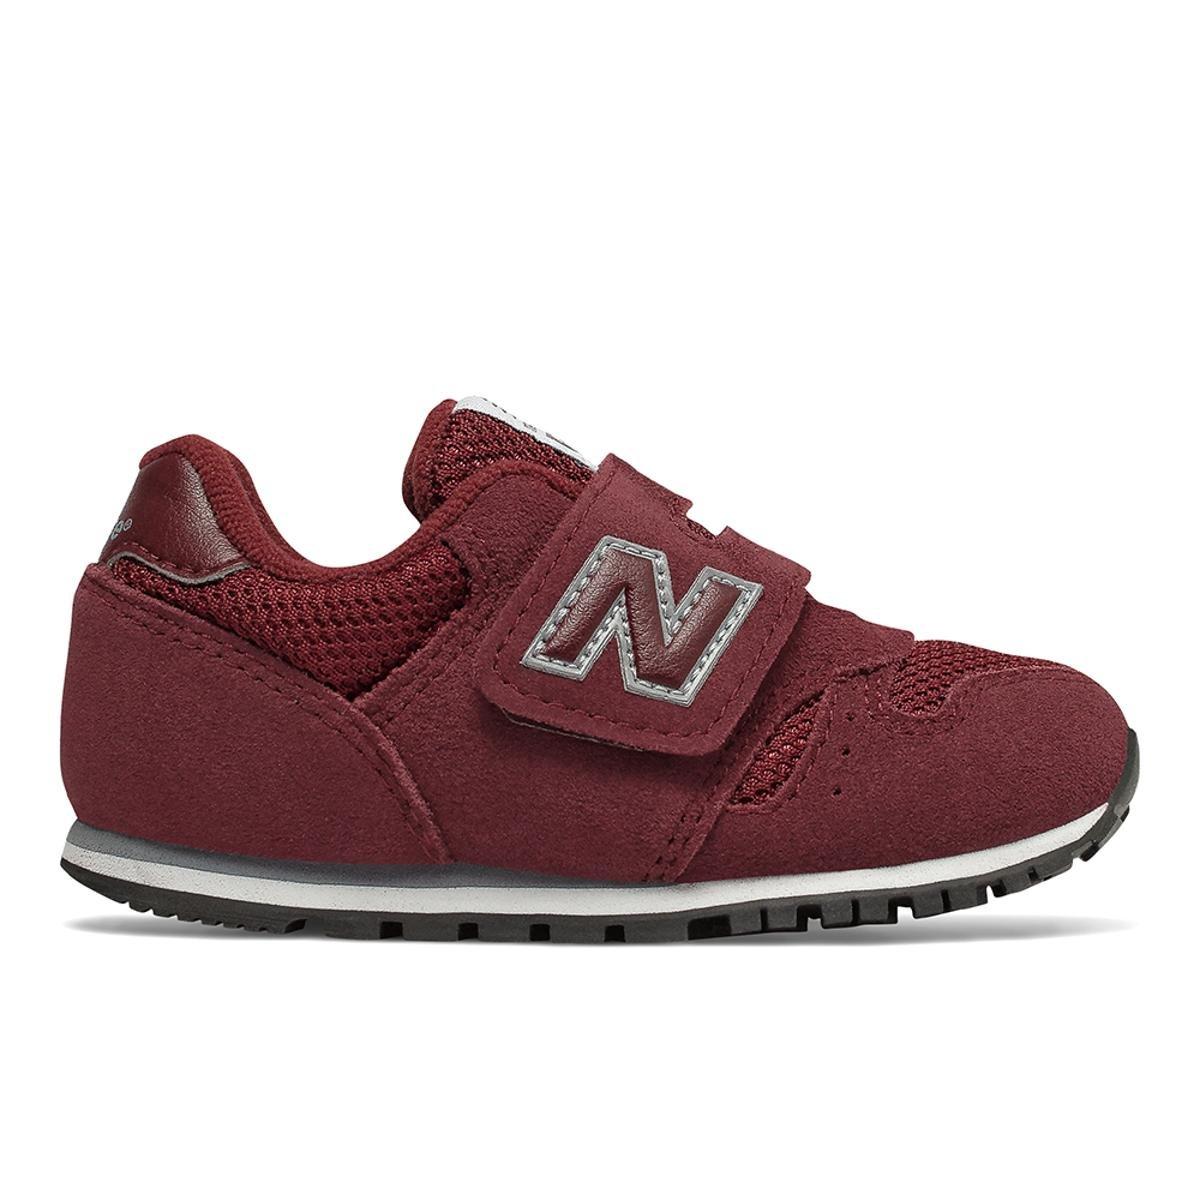 d4fca0a7001 Tênis Bebê New Balance 373 Masculino - Vermelho - Compre Agora ...